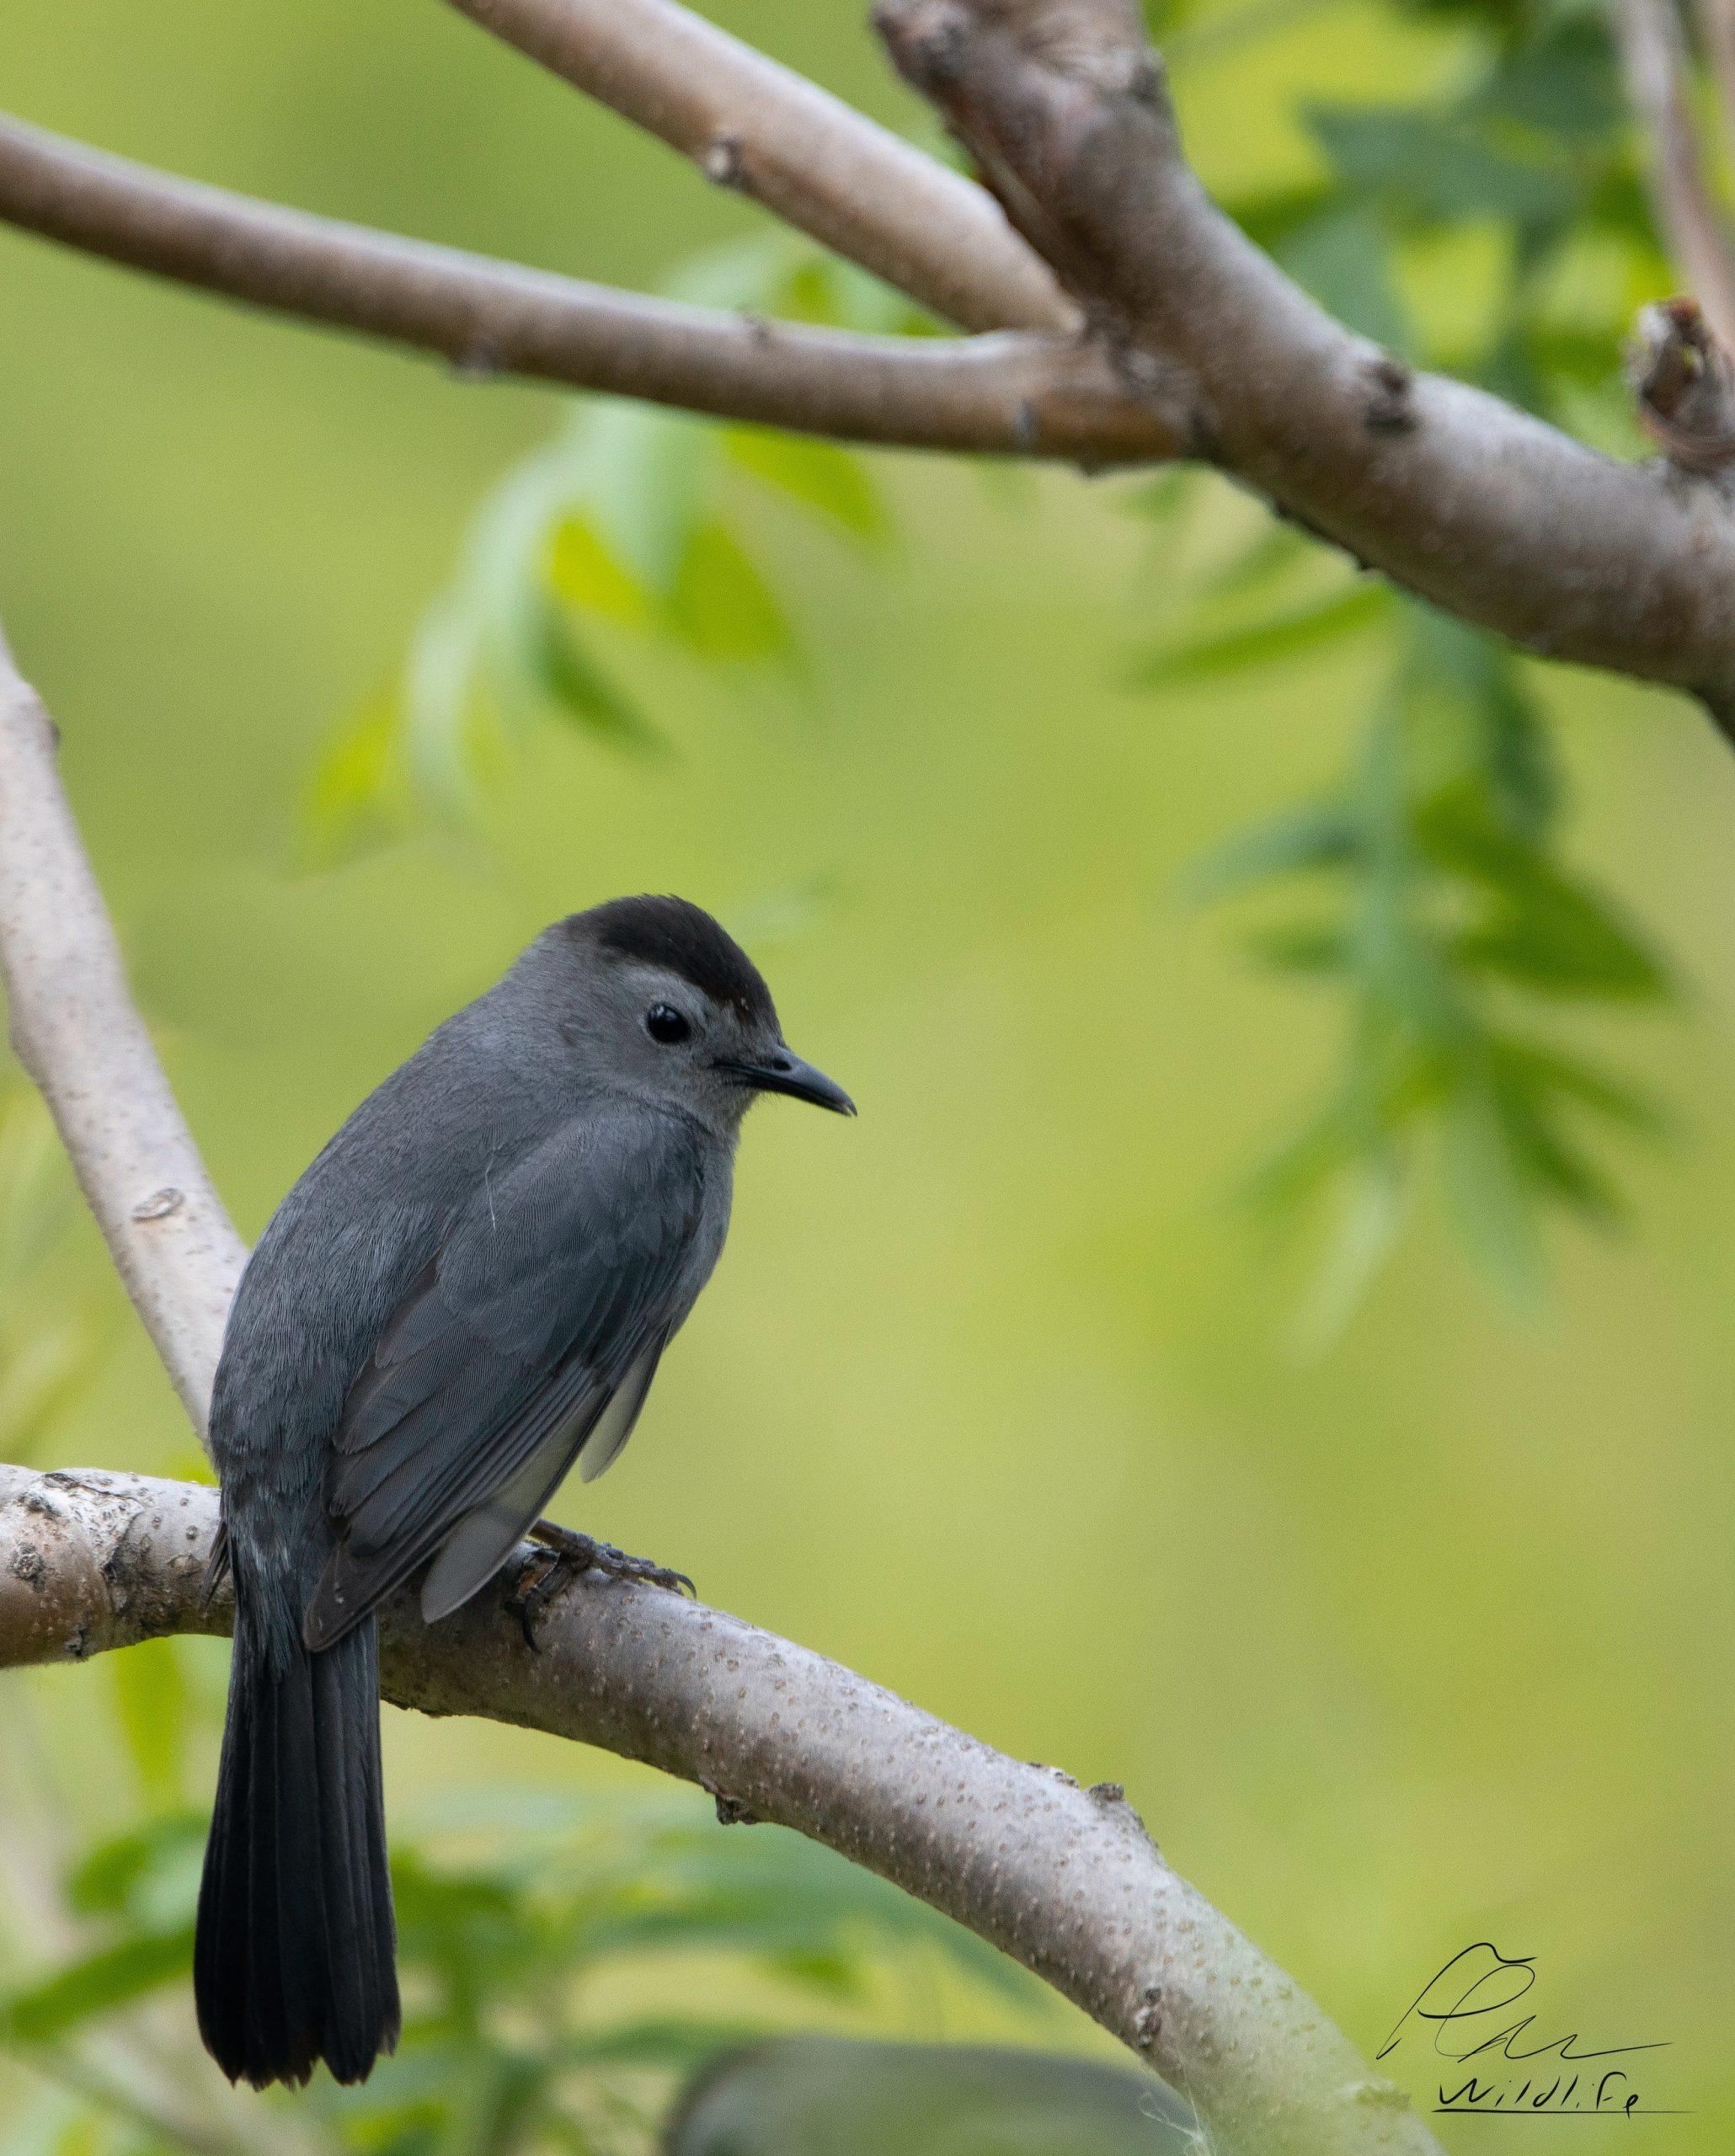 Le moqueur chat est un oiseau très commun à la réserve naturelle du Marais-Léon-Provancher. L'ornithologie estivale en fait toujours mention.